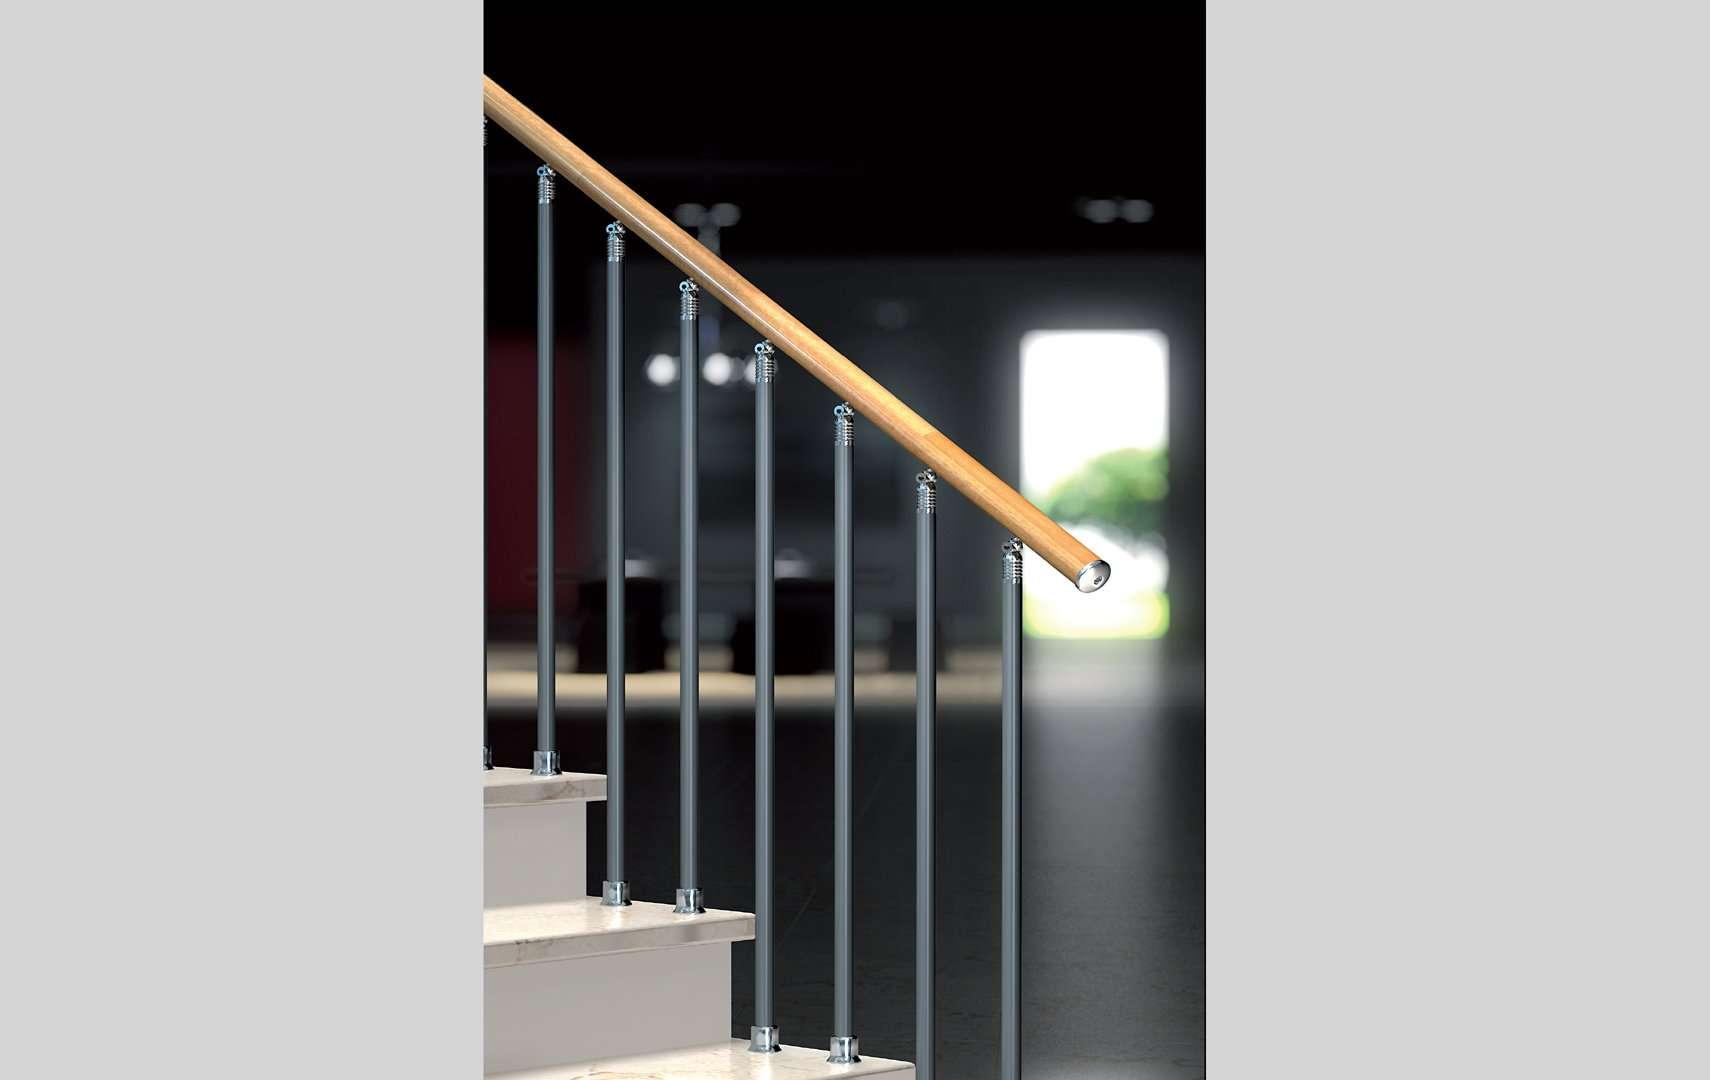 Cz ringhiere per scale interne le puoi trovare in - Ringhiere in vetro per scale interne prezzi ...